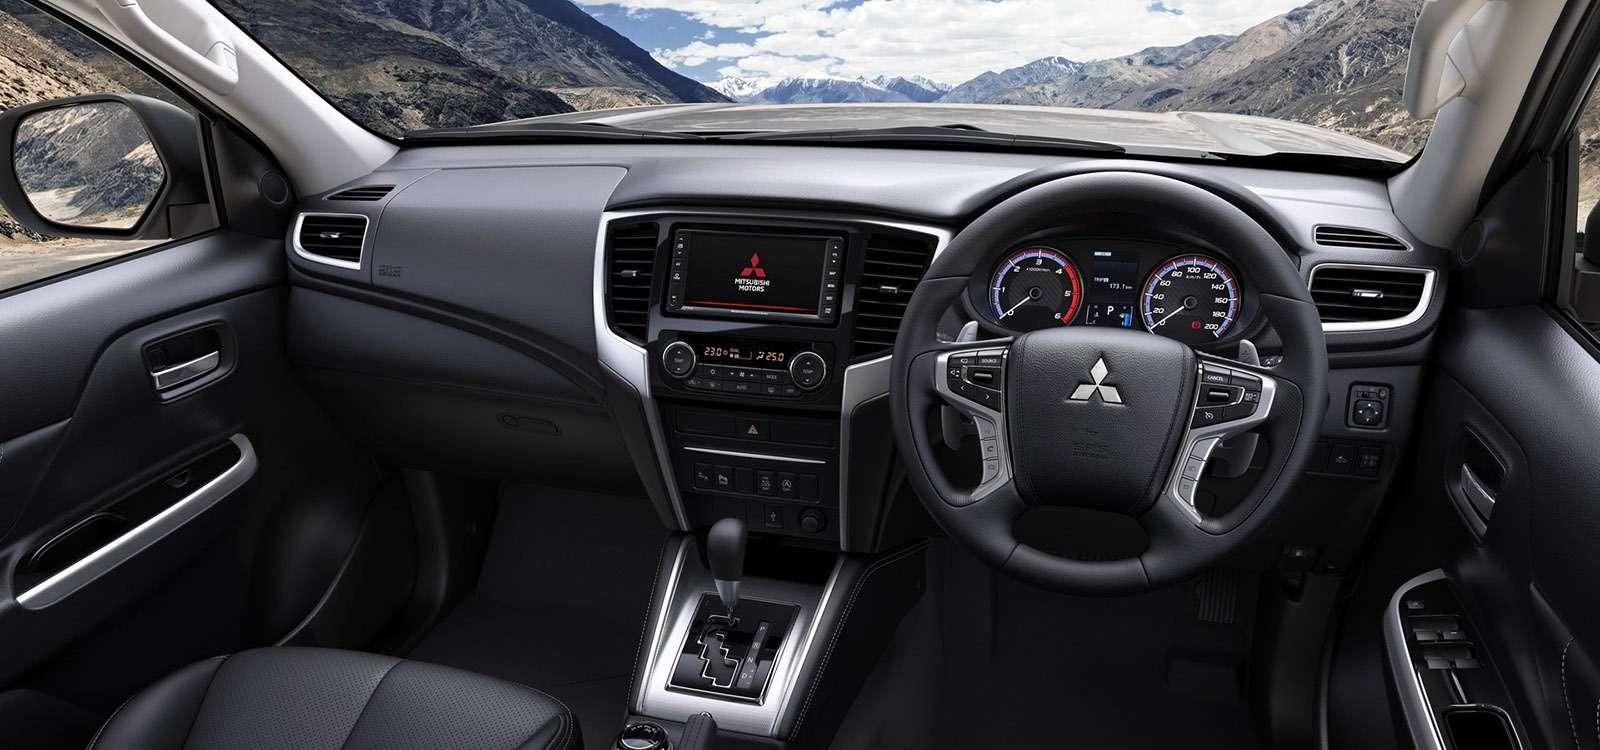 Новый или обновленный? Пикап Mitsubishi L200в деталях— фото 921991